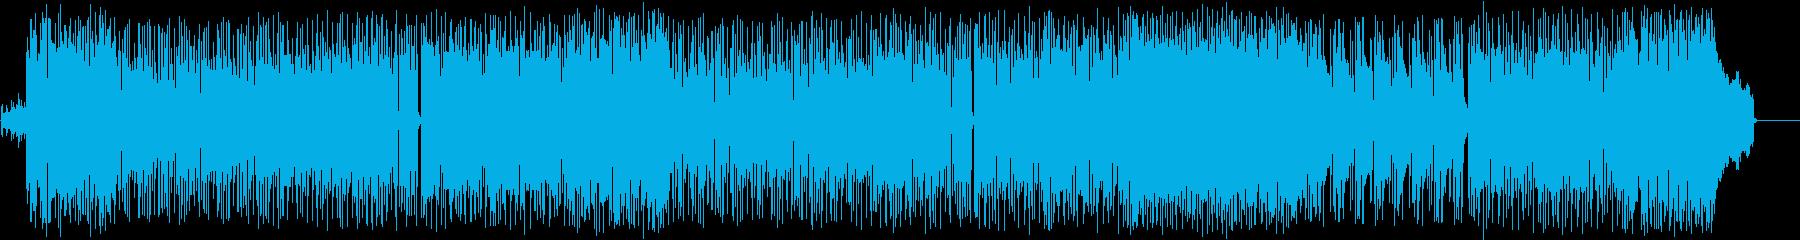 爽やかで楽しげなインストBGMの再生済みの波形